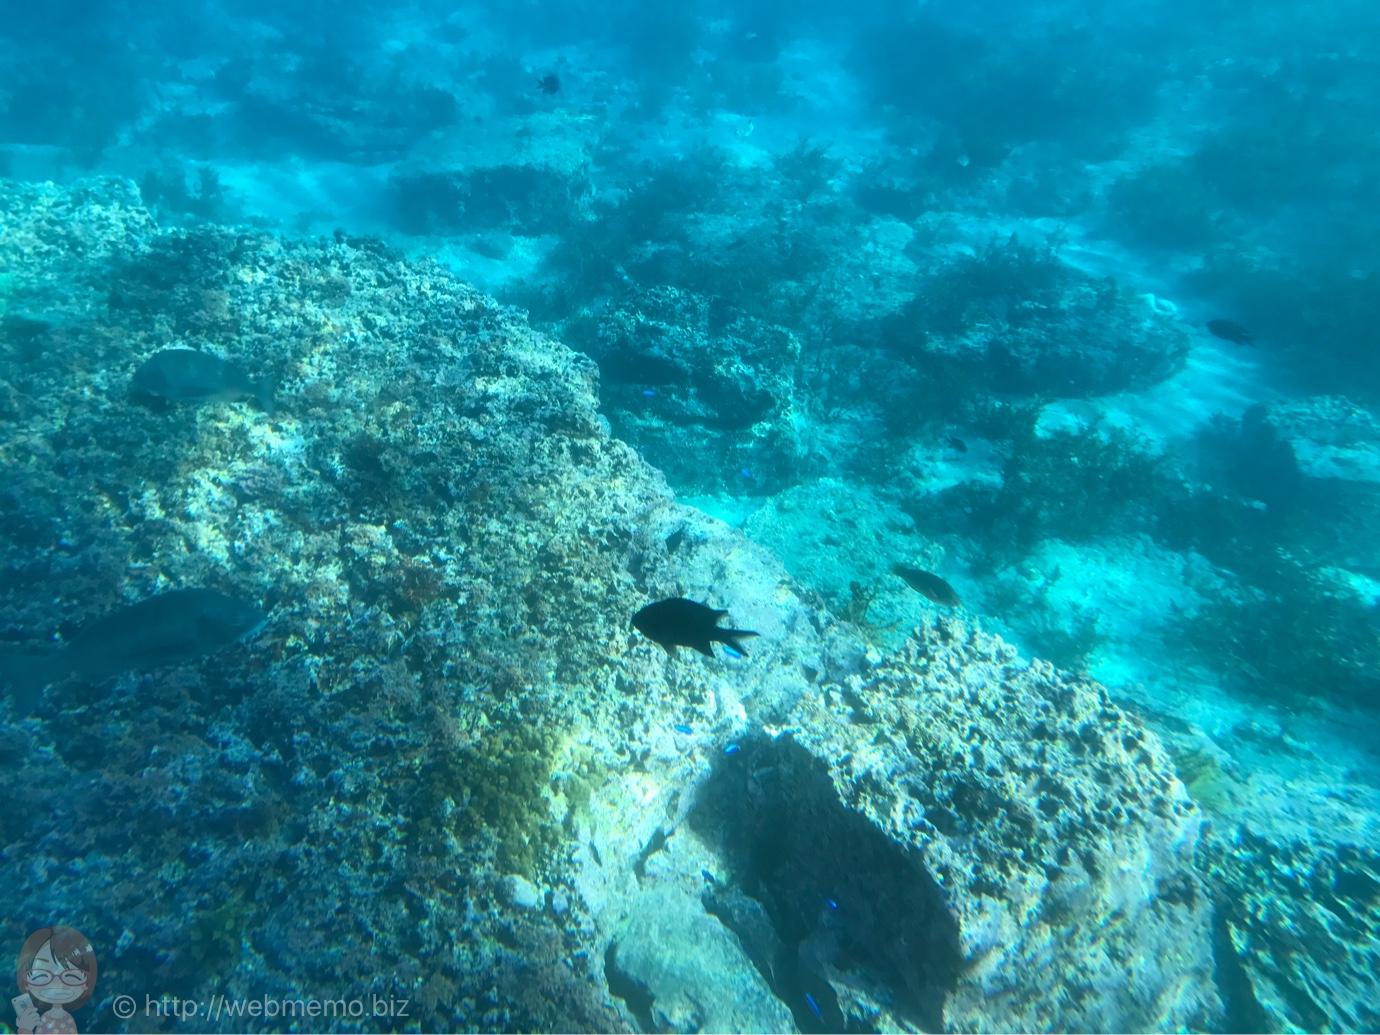 [Å] 海の宝石が綺麗!千葉 館山の海中観光船から見た沖ノ島の海がダイビングの世界